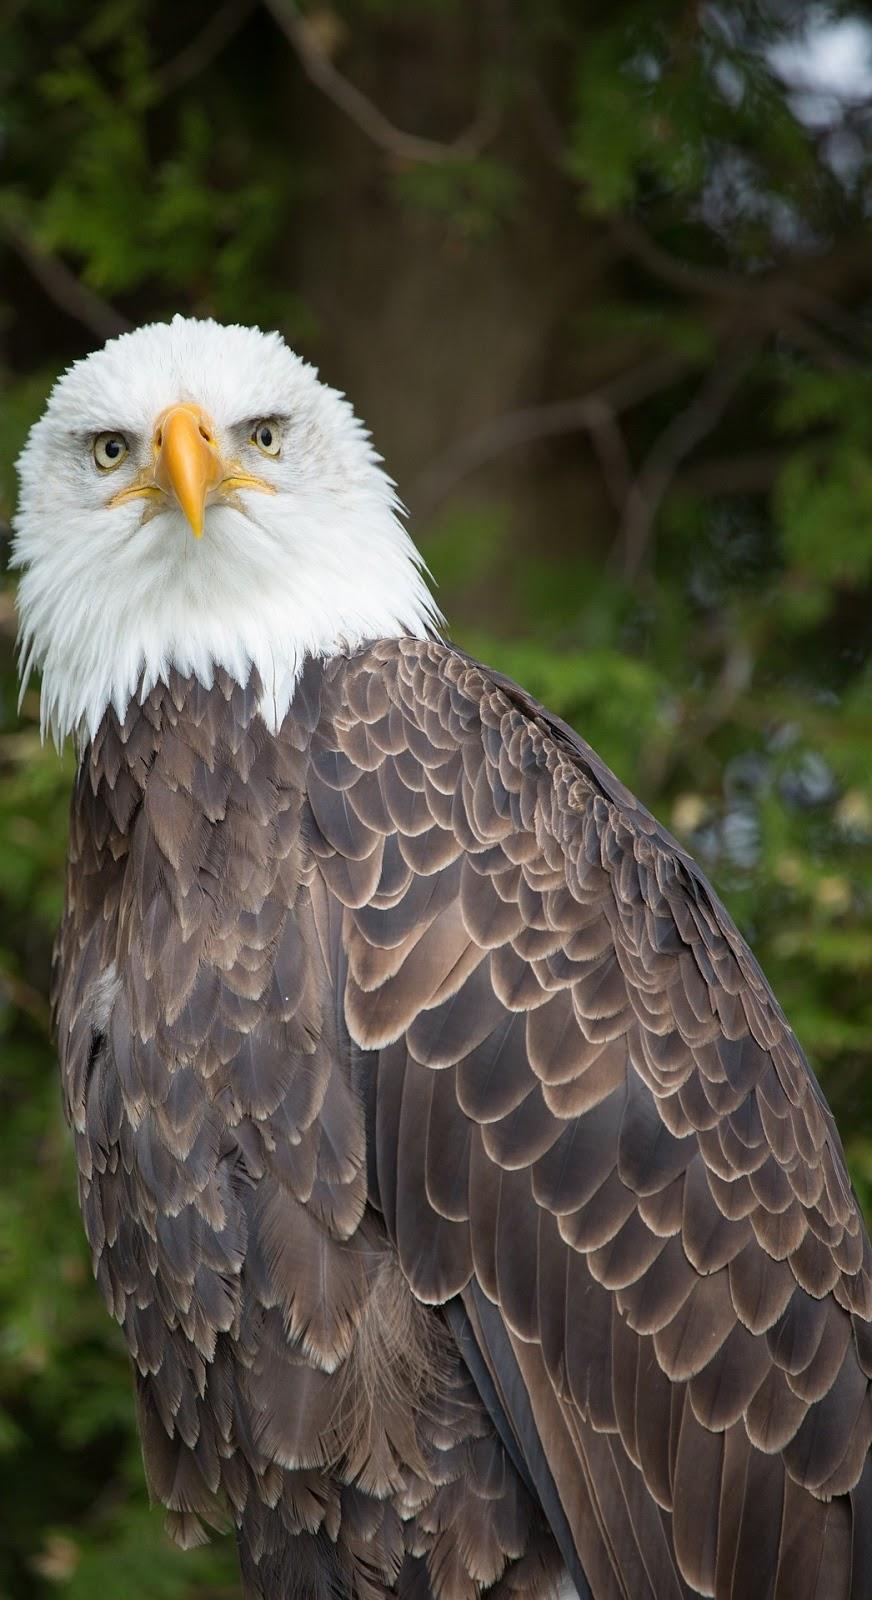 A bald eagle.